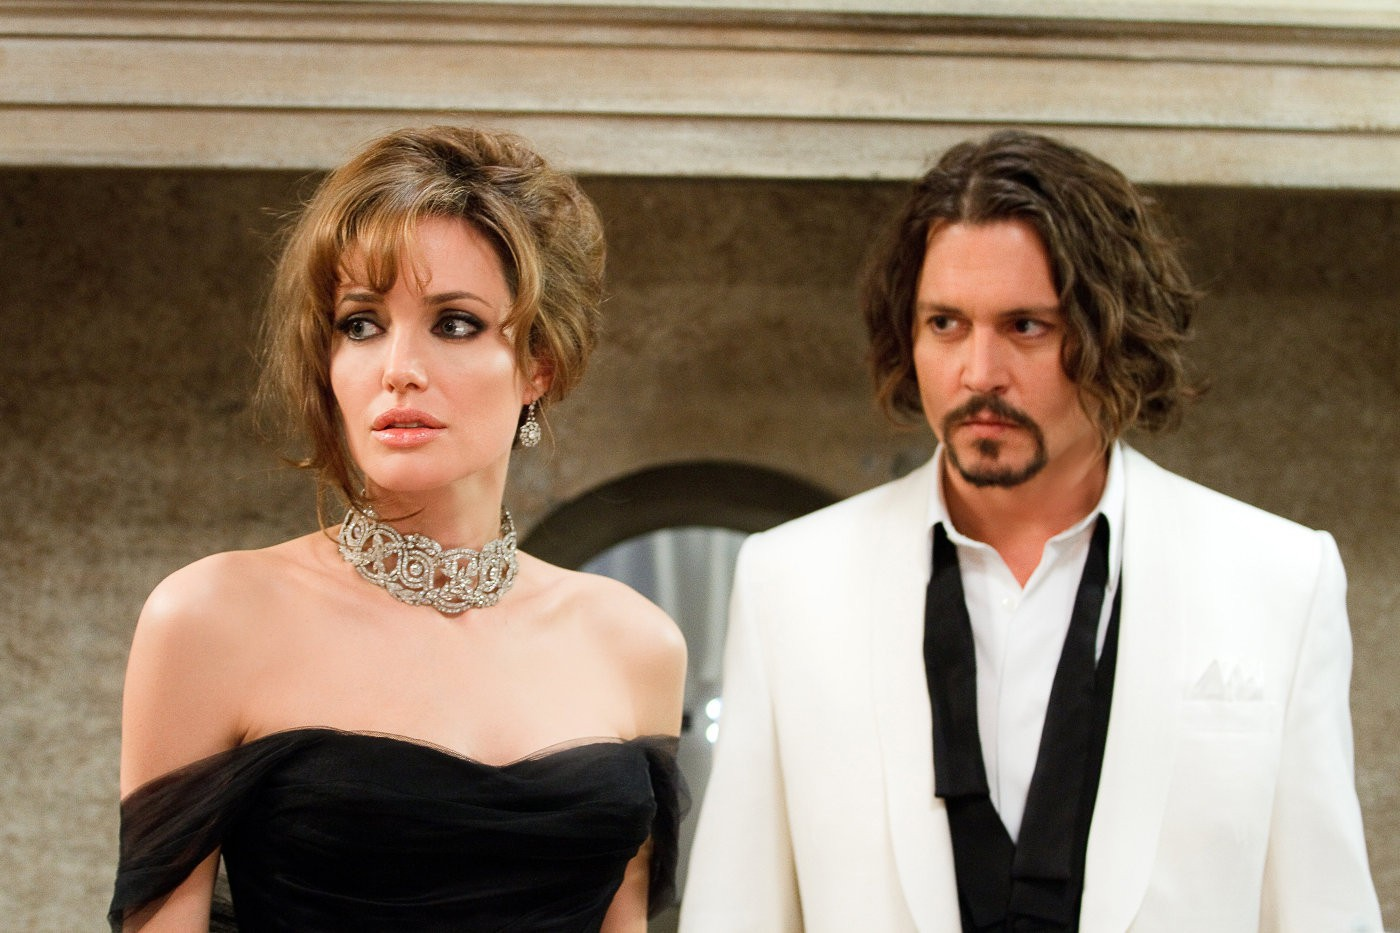 Ly hôn Brad Pitt chưa được bao lâu, Angelina Jolie đã hỏi Johnny Depp đến sống chung, từ lâu đã giữ quan hệ bí mật? - Ảnh 1.